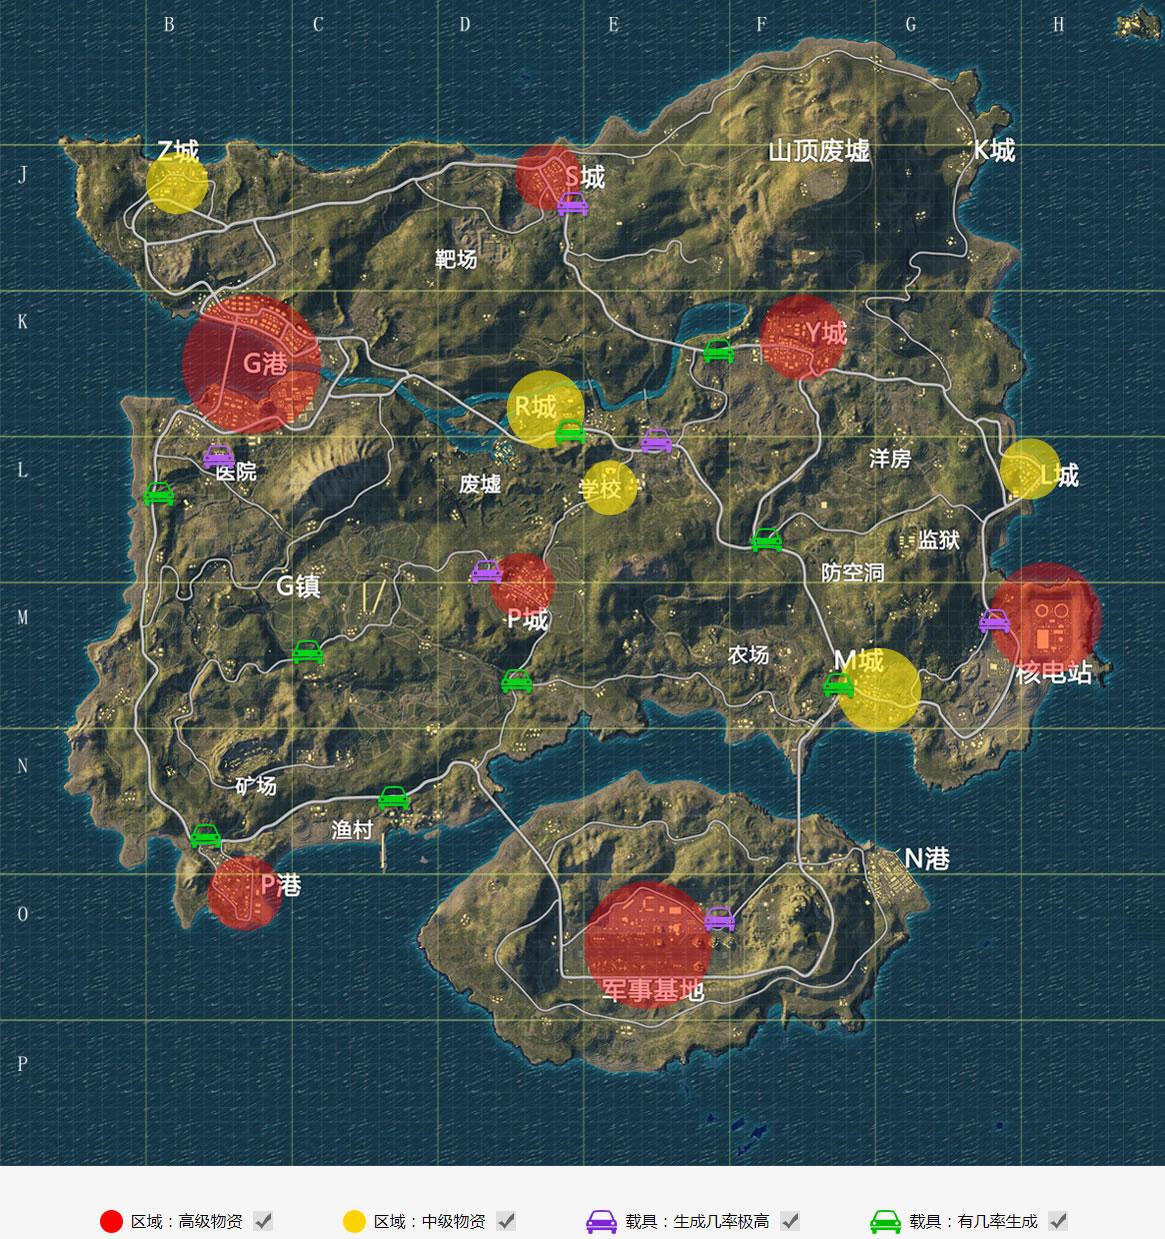 绝地求生新版地图资源分布介绍_绝地求生9.17新地图资... _游戏堡